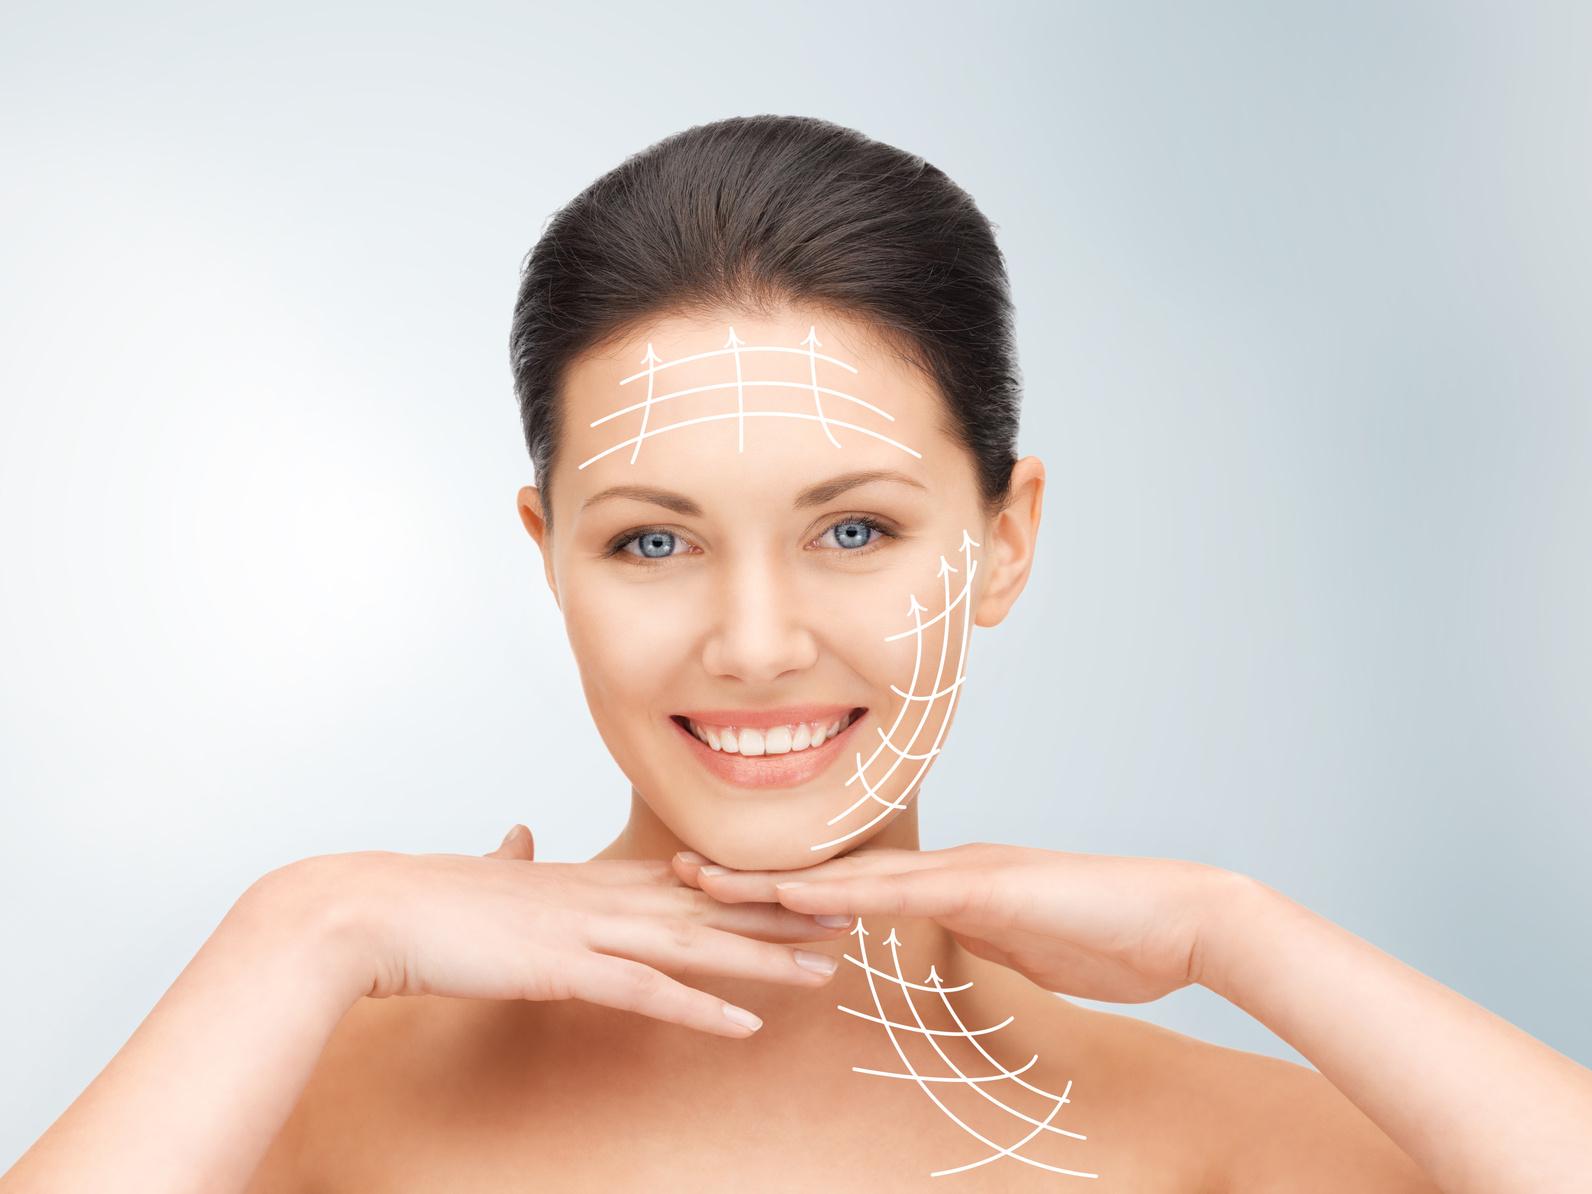 омоложение лица без операции - способы проведения процедуры